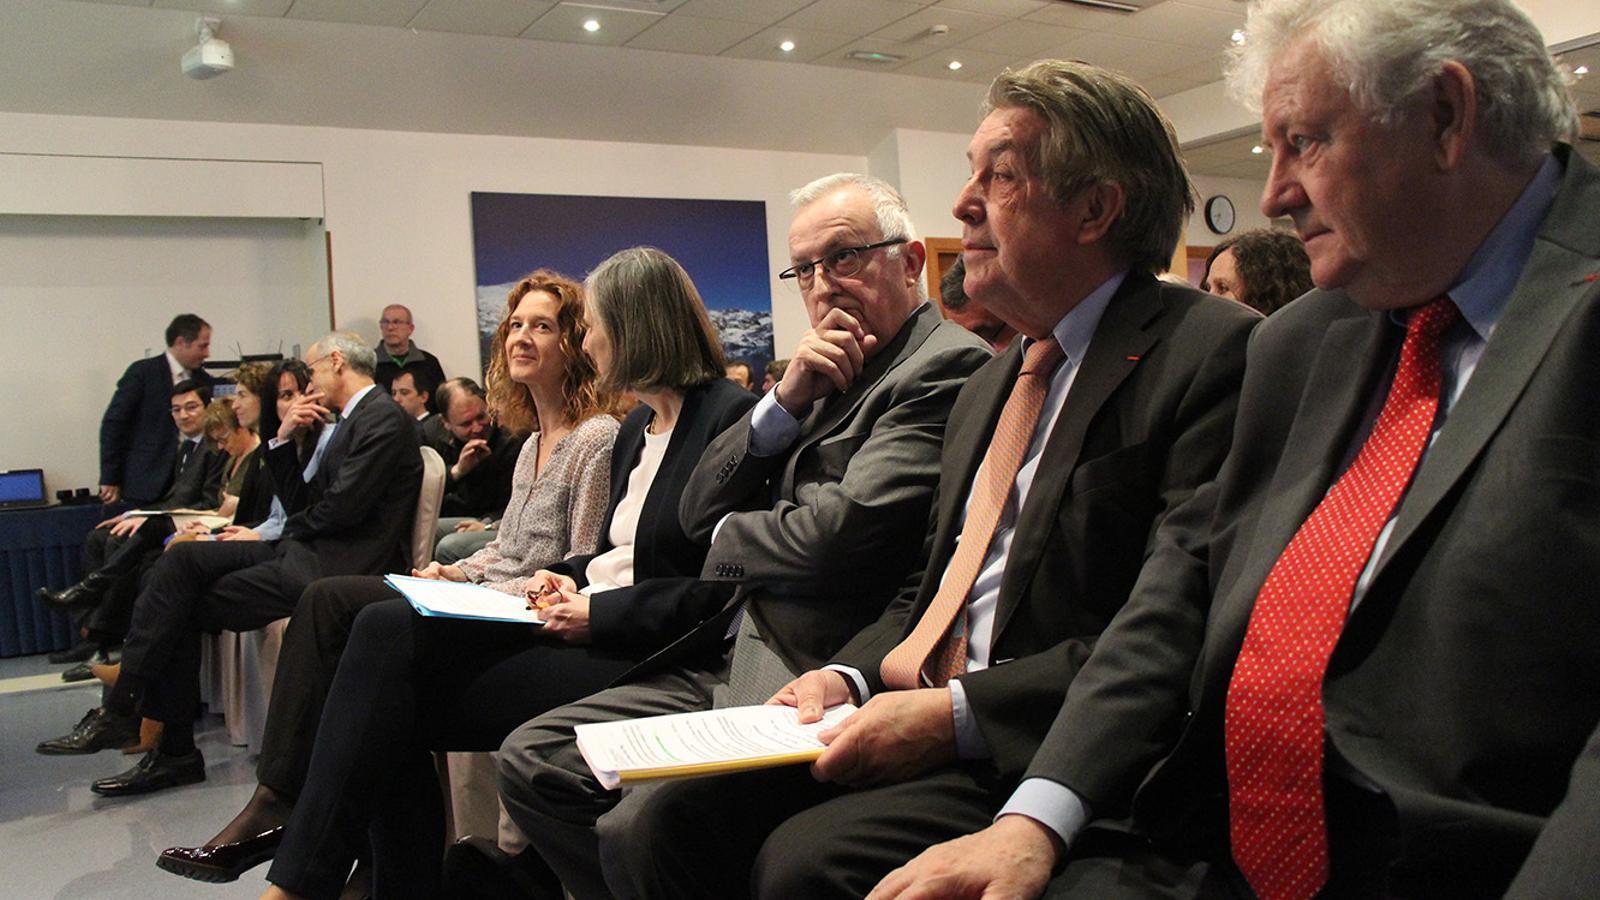 Les autoritats i els representants francesos i andorrans moments abans de l'inici de la Jornada d'intercanvis francoandorrana sobre el tema de l'energia. / M. F. (ANA)